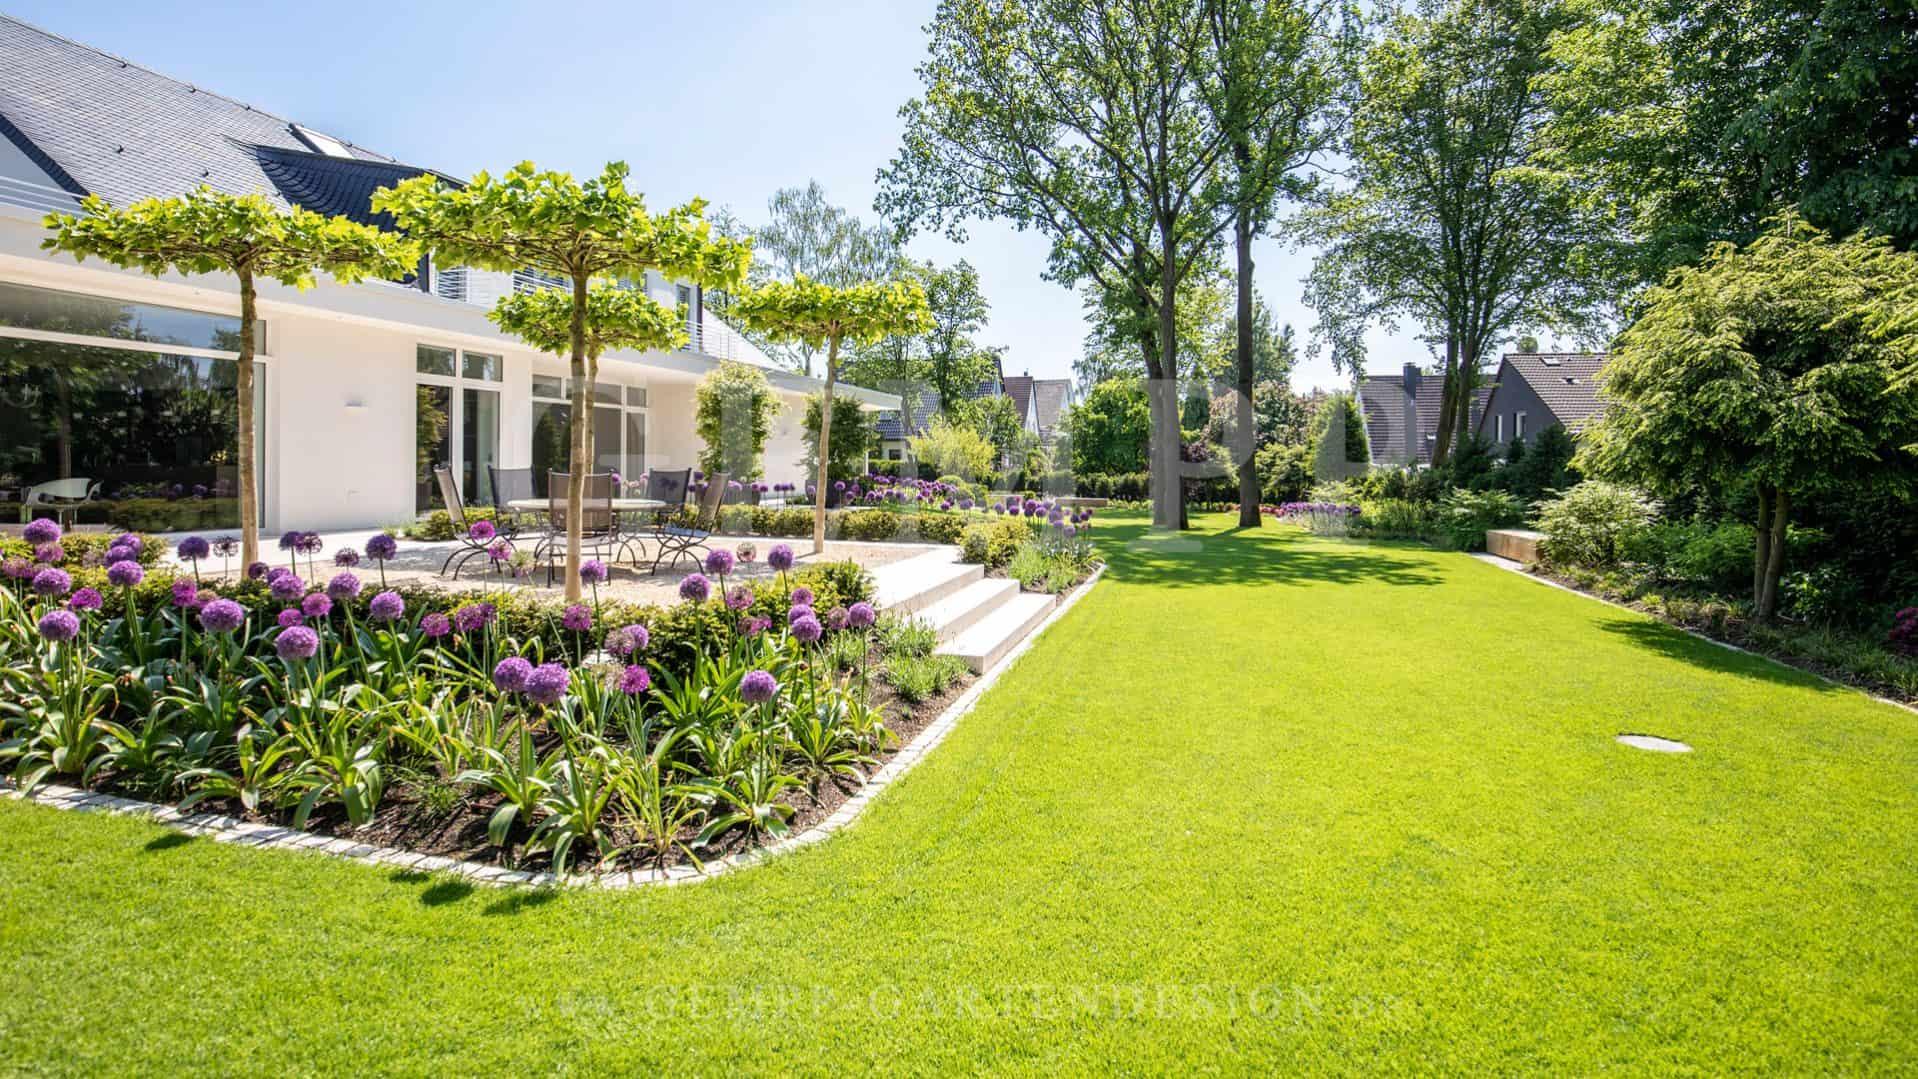 Gartenarchitekt Gartenplaner Gartengestalter Gartendesigner